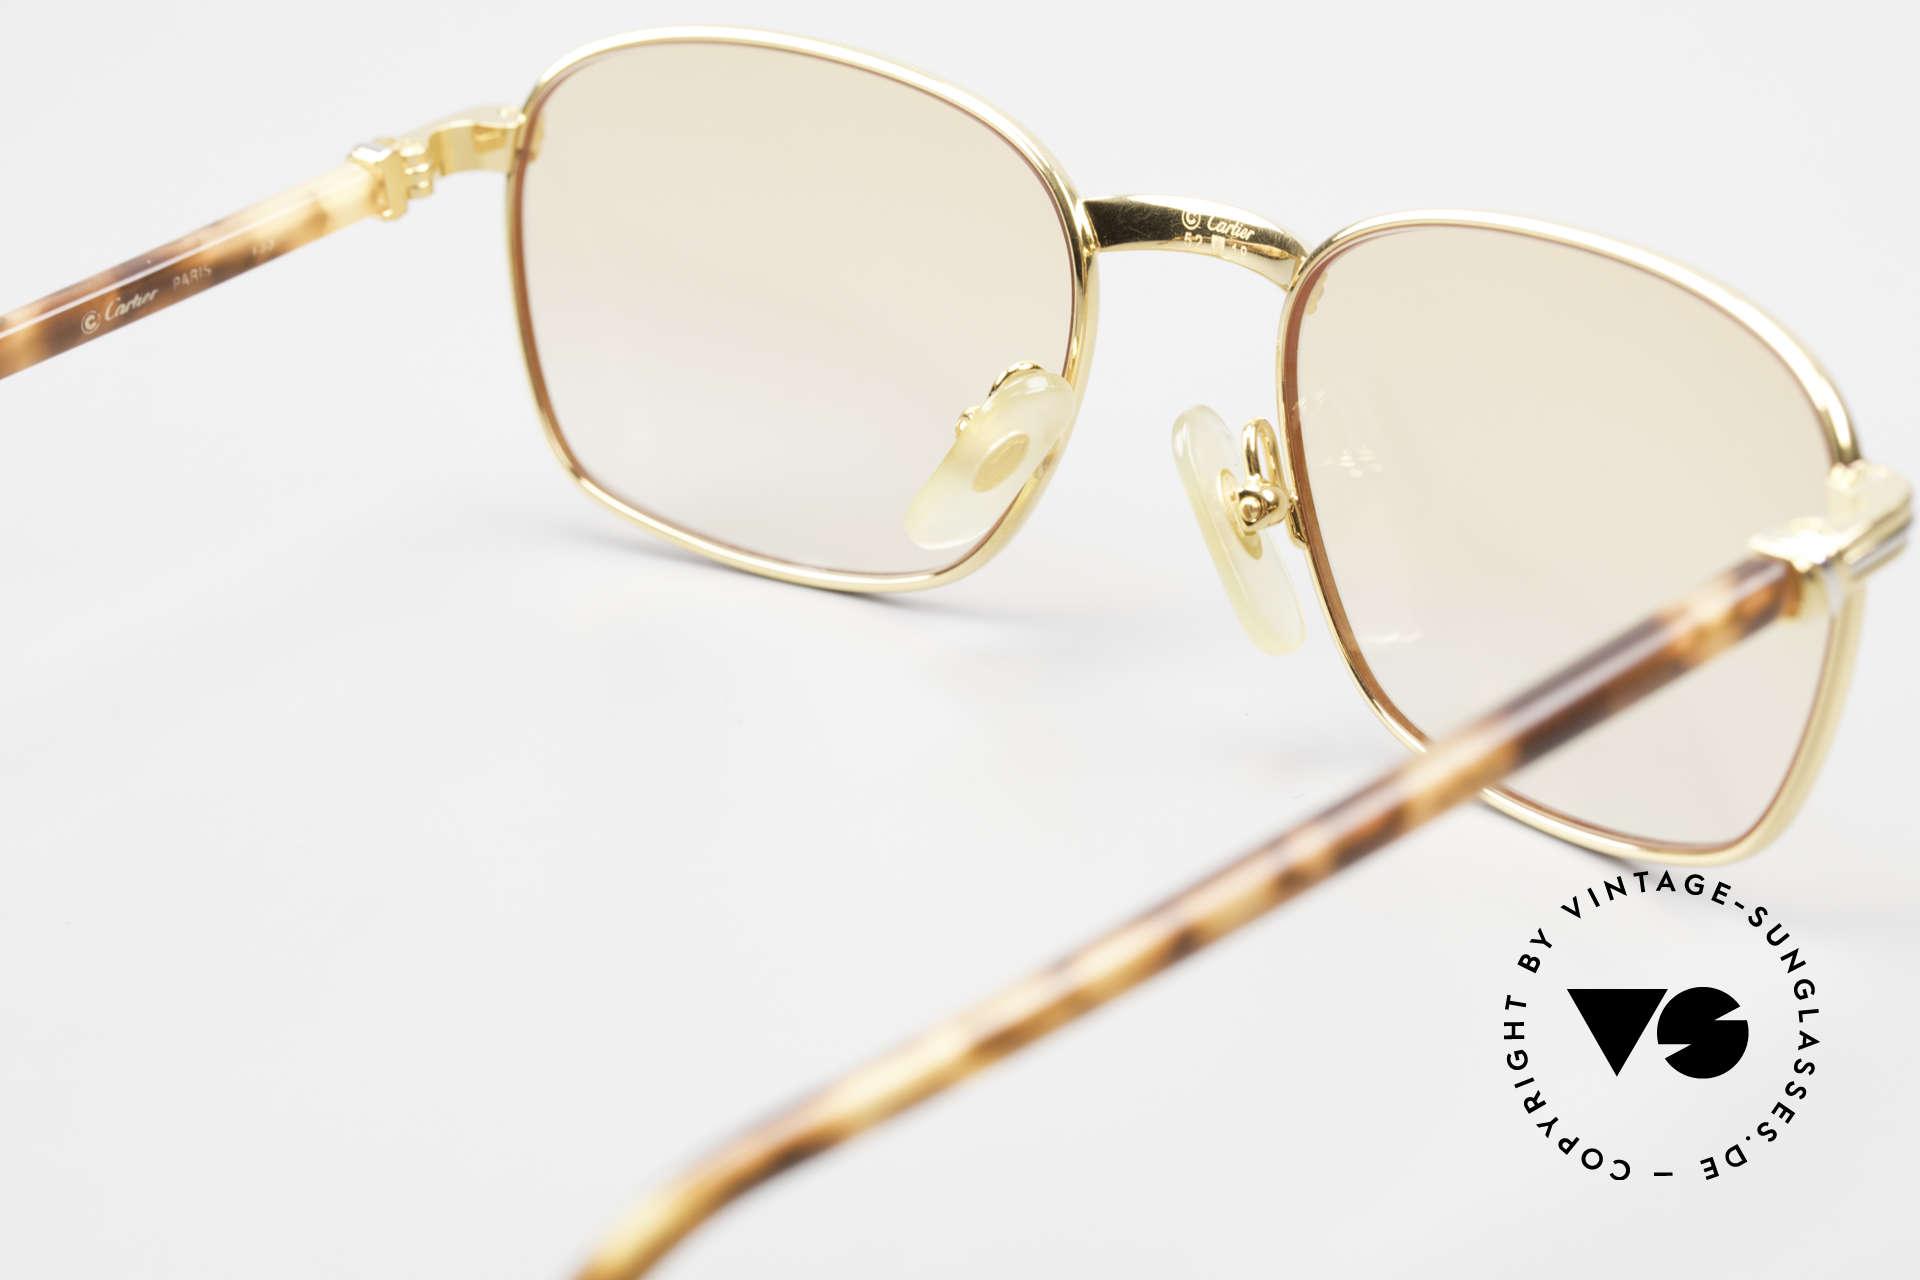 Cartier Aube Luxus Brille In Orange Verlauf, KEINE Retrobrille; ein 20 Jahre altes Unikat in SMALL, Passend für Herren